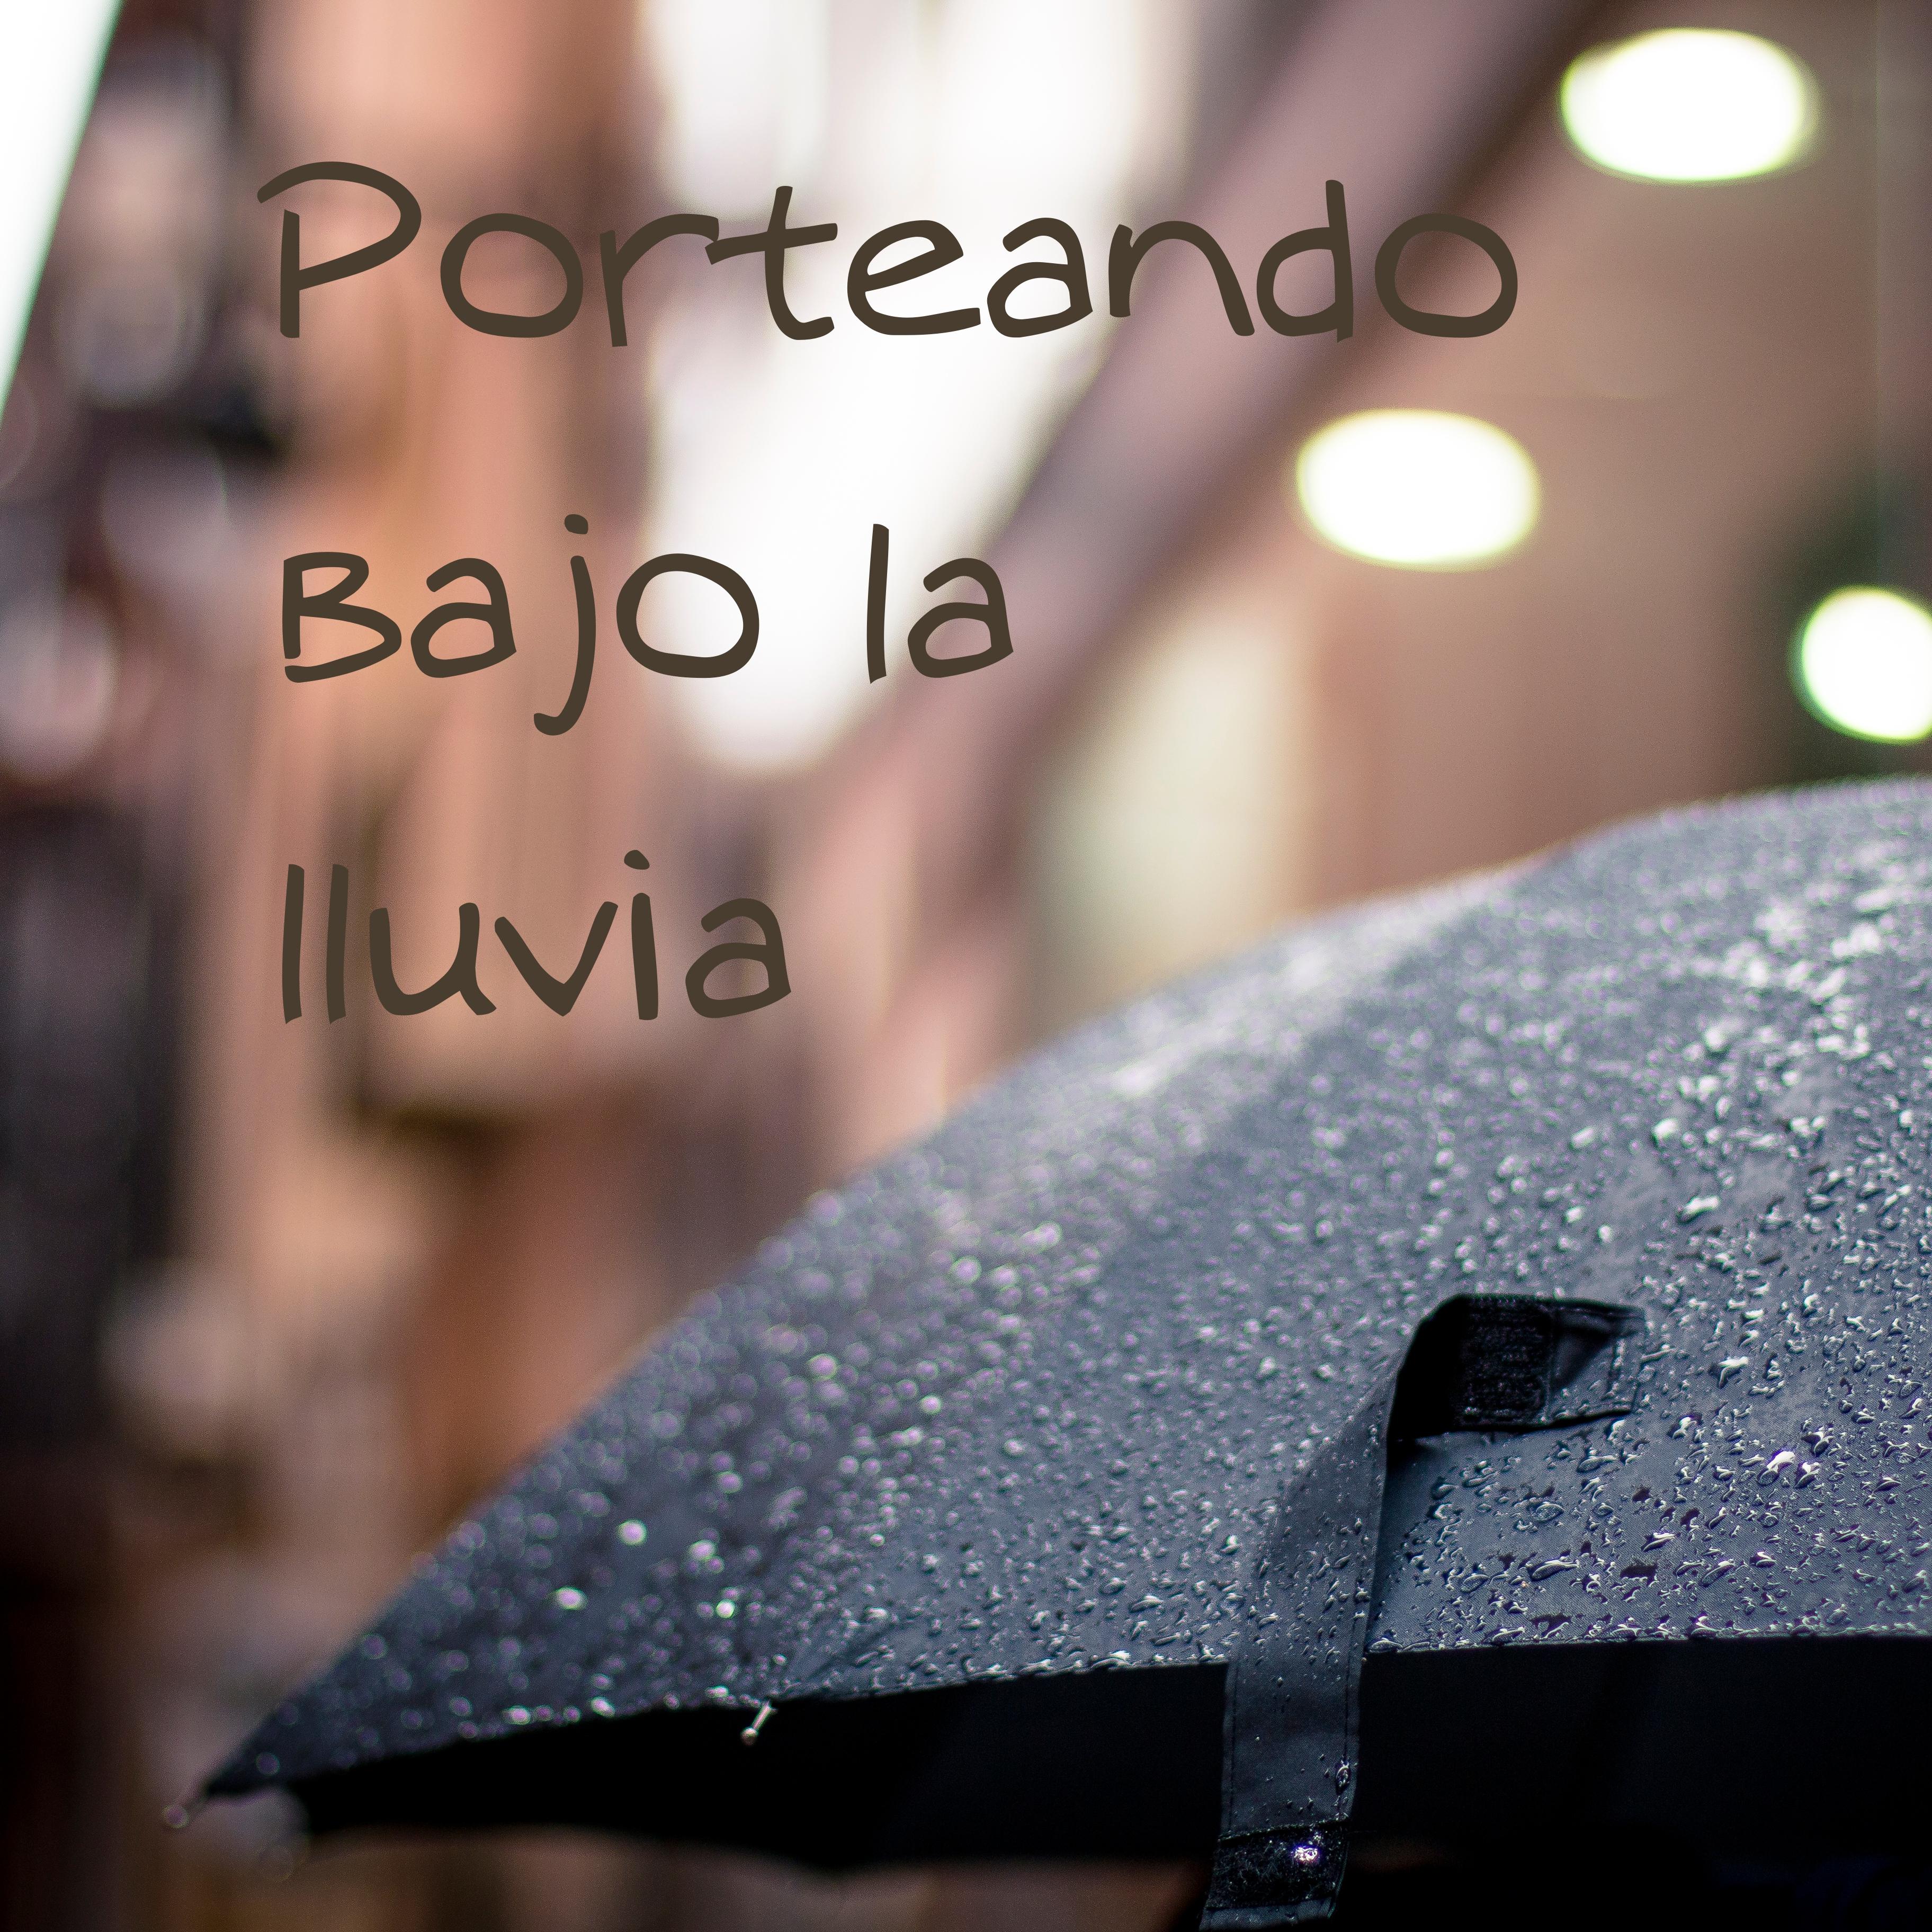 Porteando bajo la lluvia (al otro lado del charco)